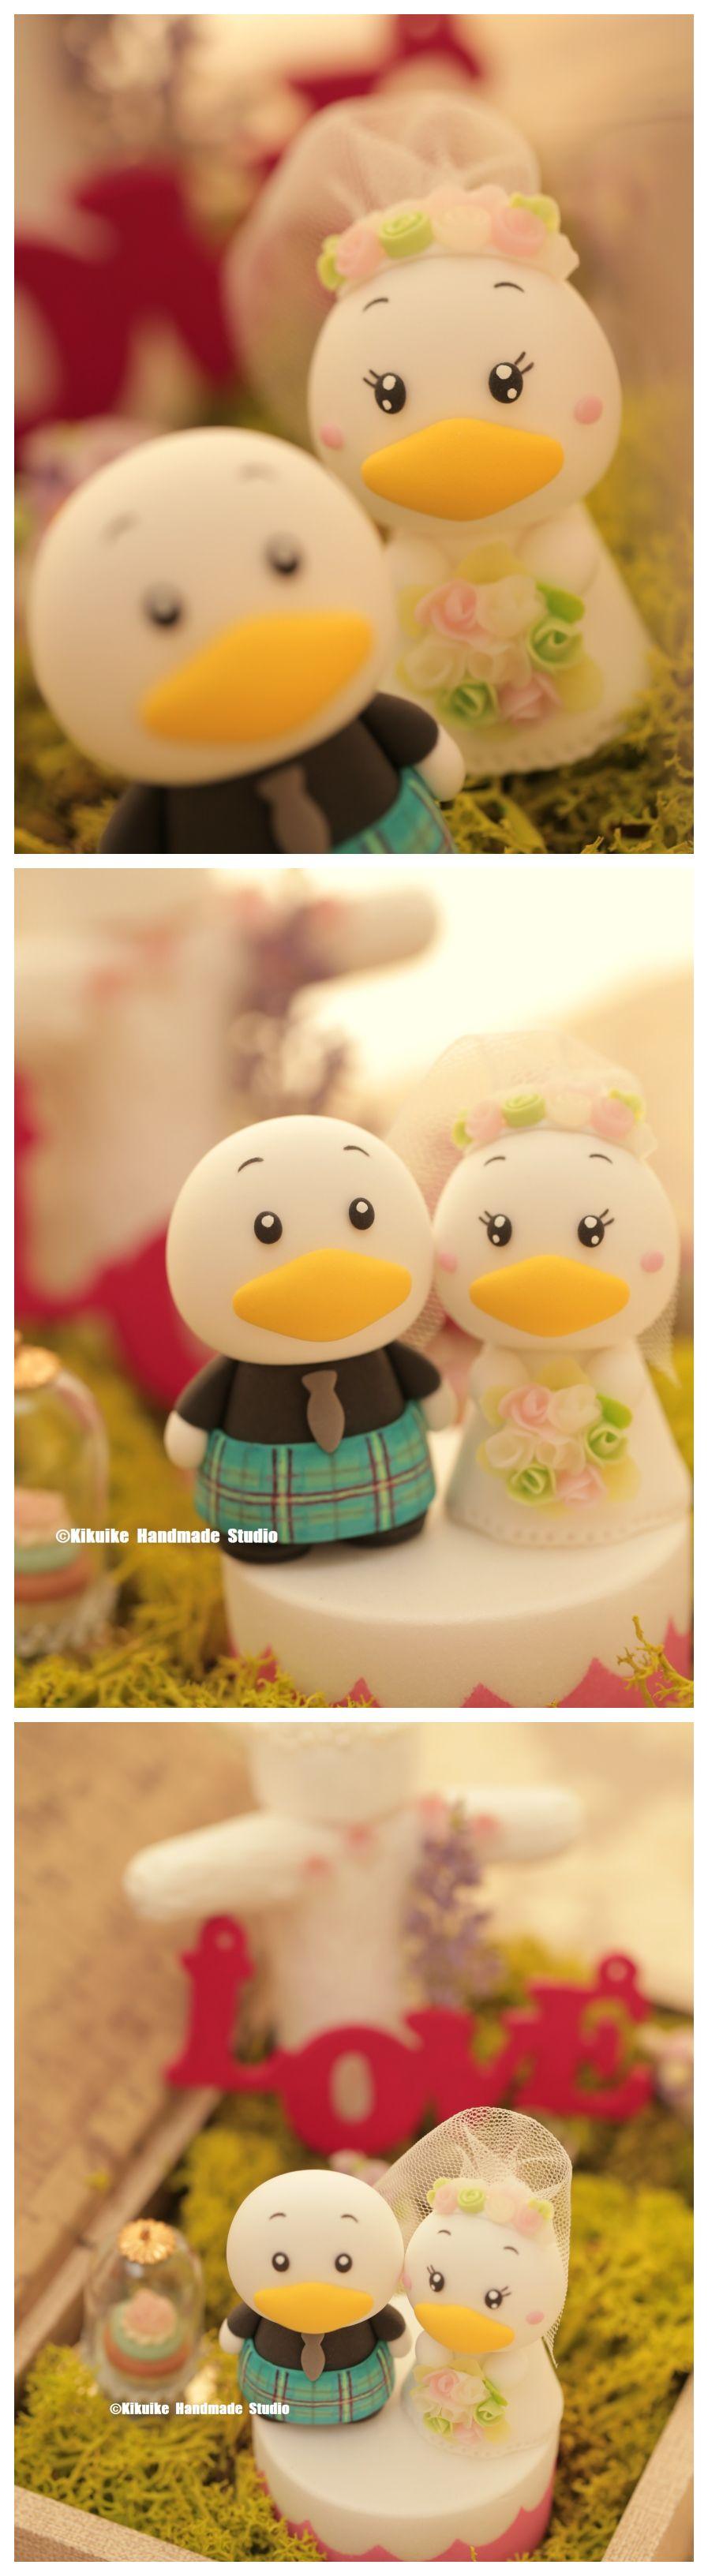 Custom order deposit for the lovely wedding cake topper ducks